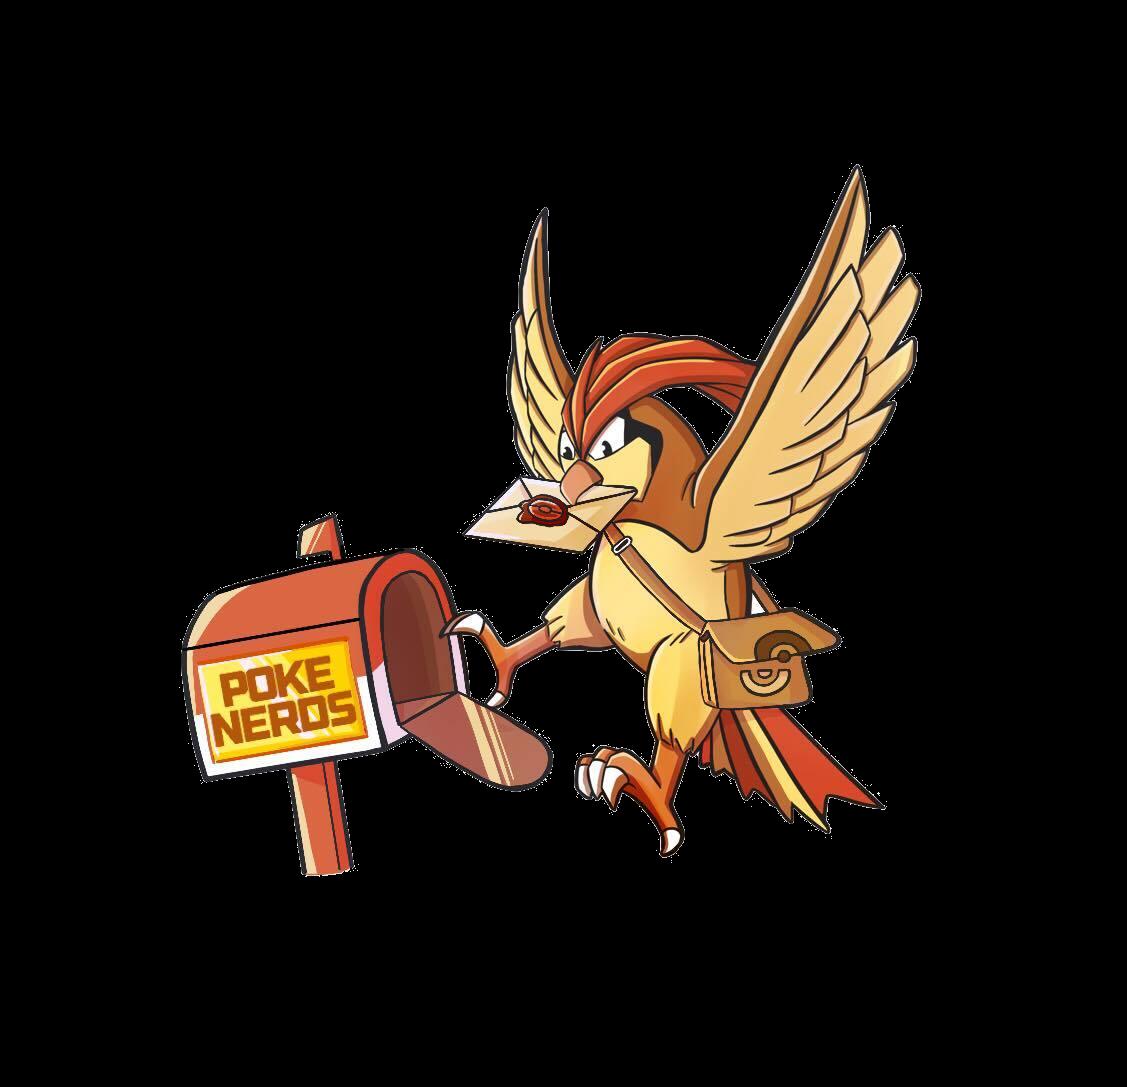 pokenerds-pidgeotto